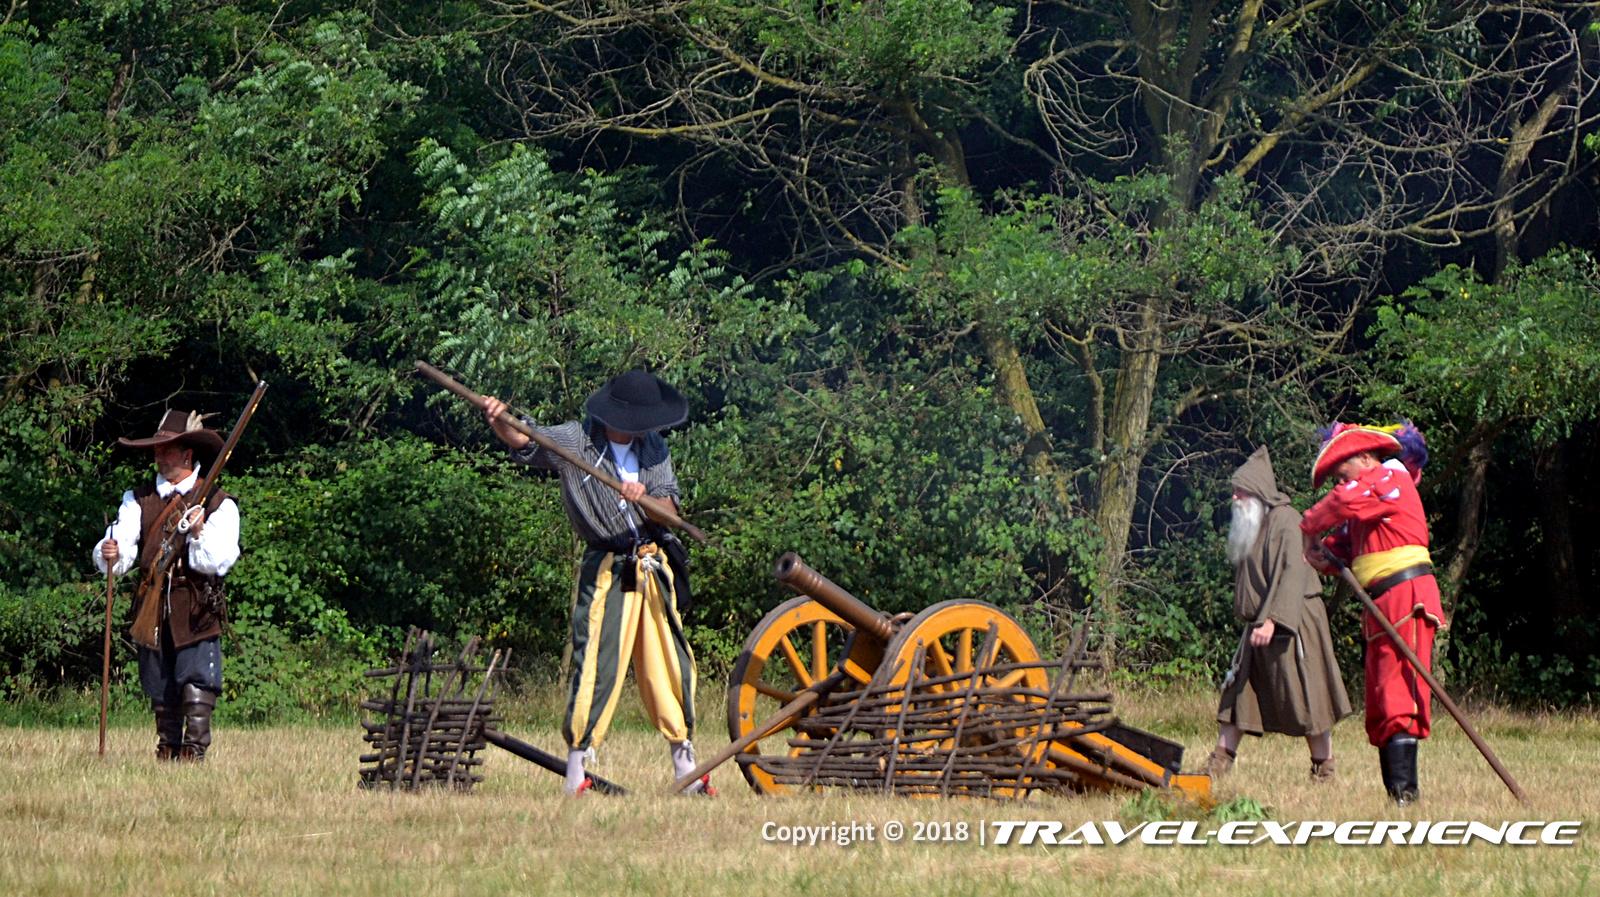 foto battaglia di Tornavento: un soldato spagnolo ricarica un cannone